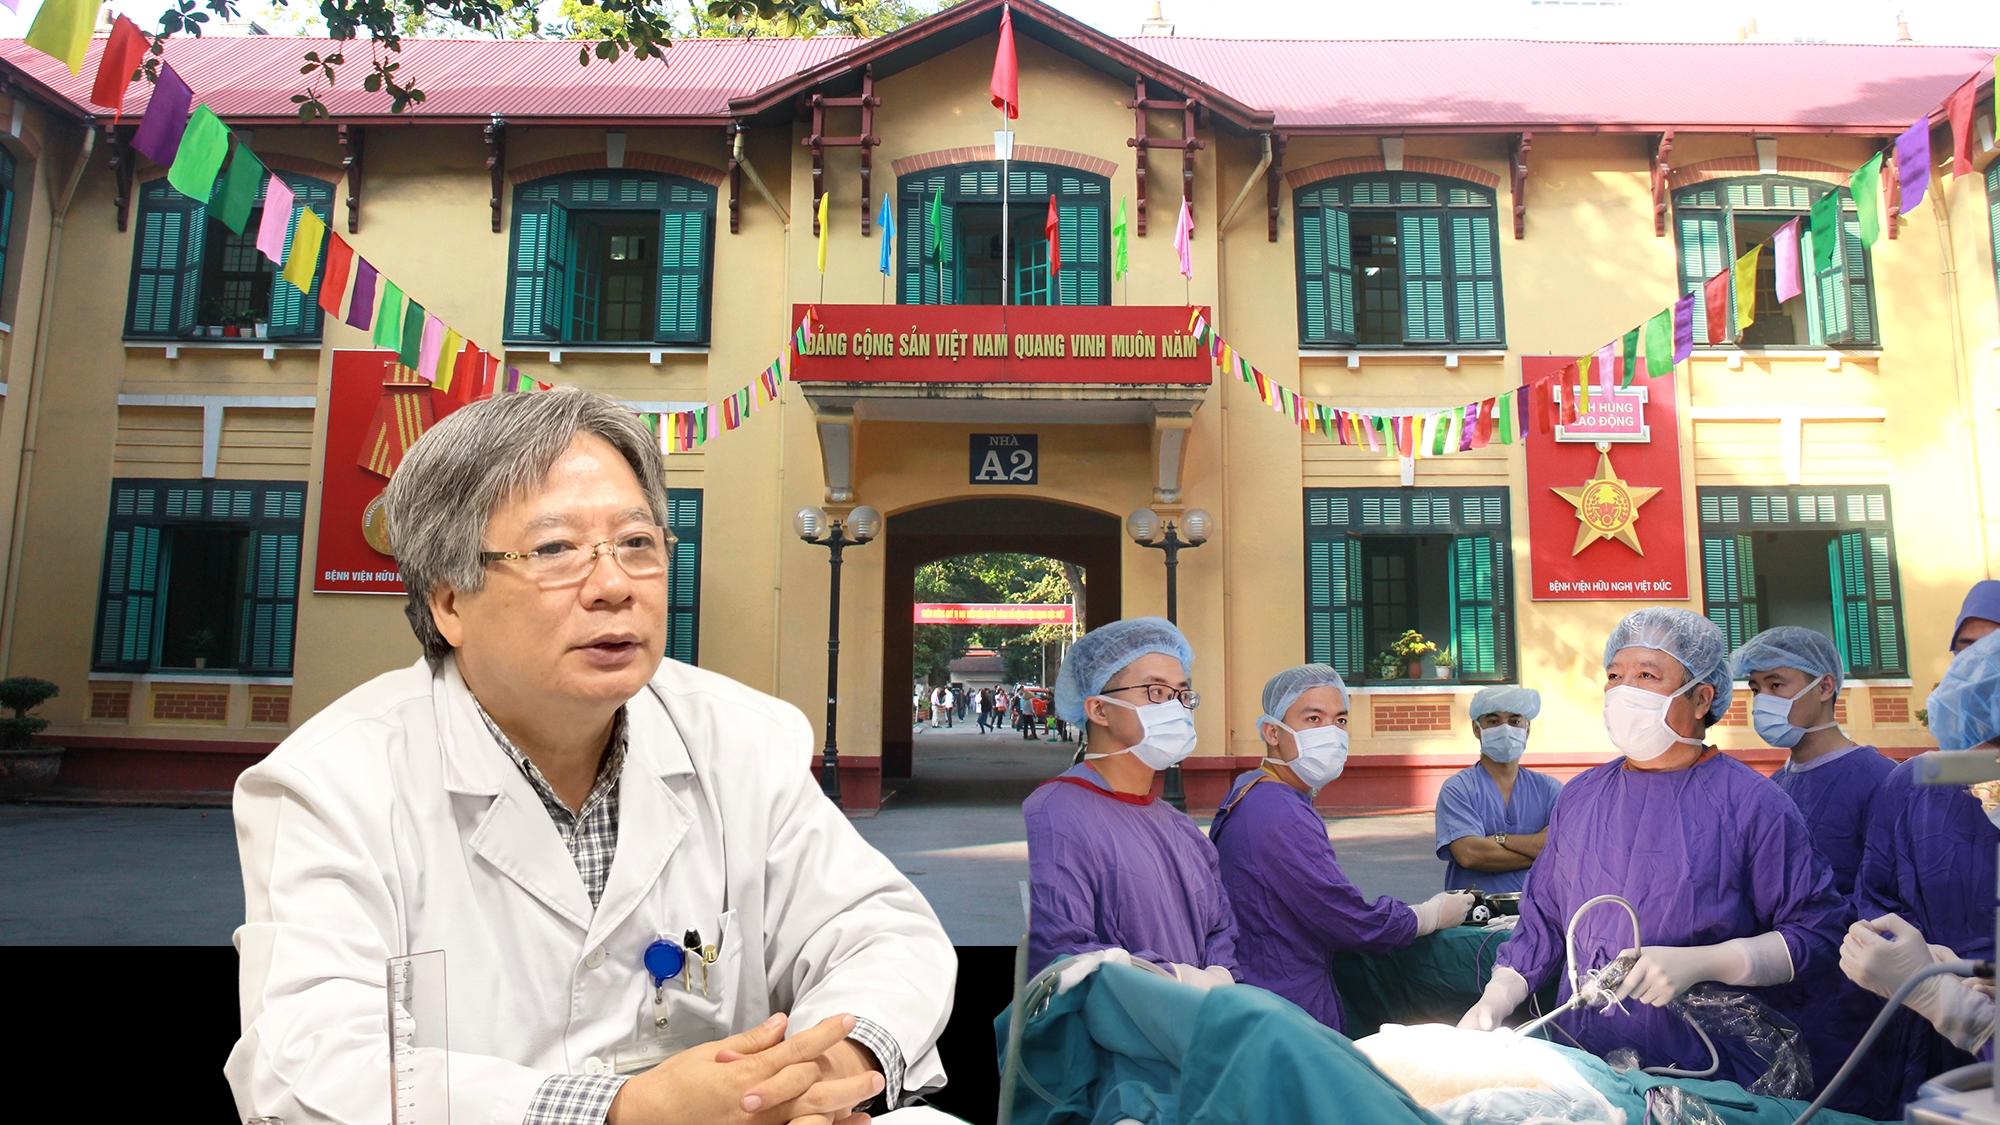 MEGASTORY: GS.Trần Bình Giang và khát vọng đưa Bệnh viện Hữu nghị Việt Đức lên một tầm cao mới